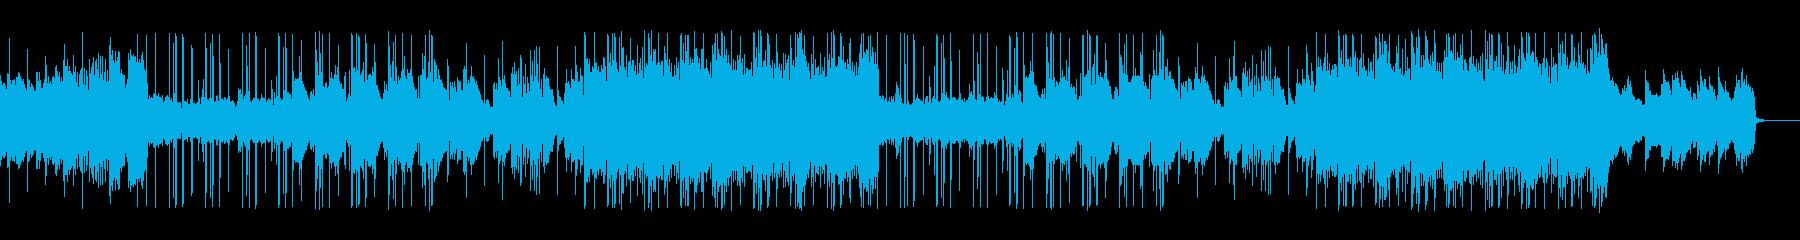 ムーディーで、大人の雰囲気漂う洋楽R&Bの再生済みの波形